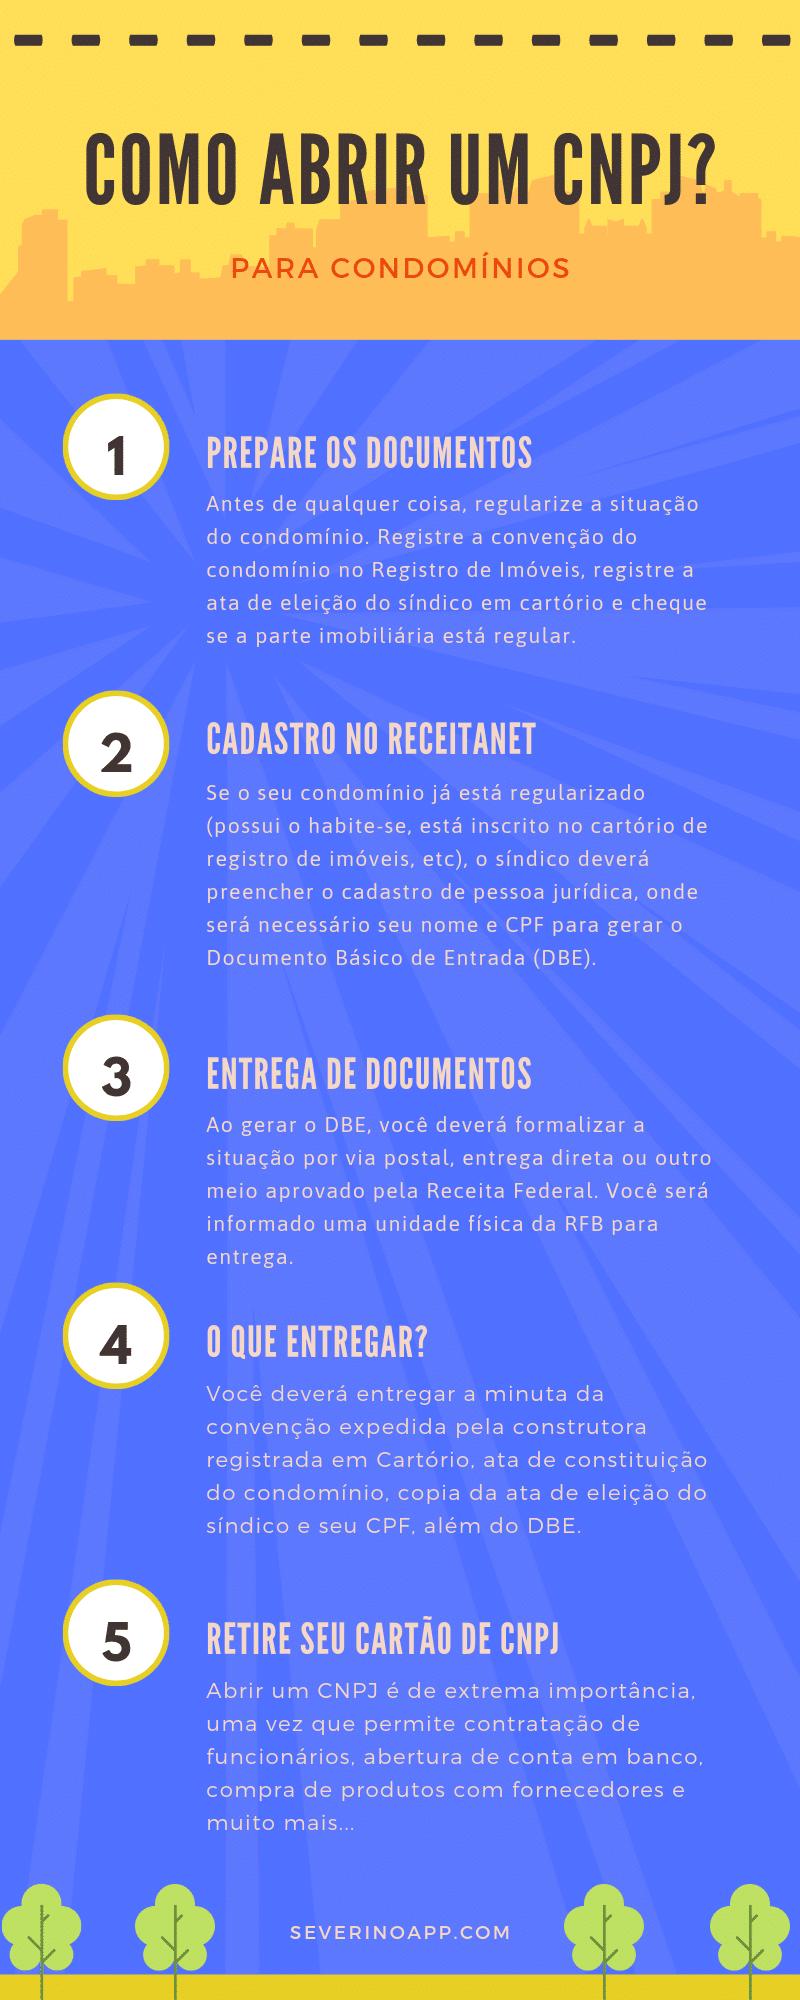 Infográfico sobre como abrir um CNPJ para o condomínio. Informações transcritas abaixo: